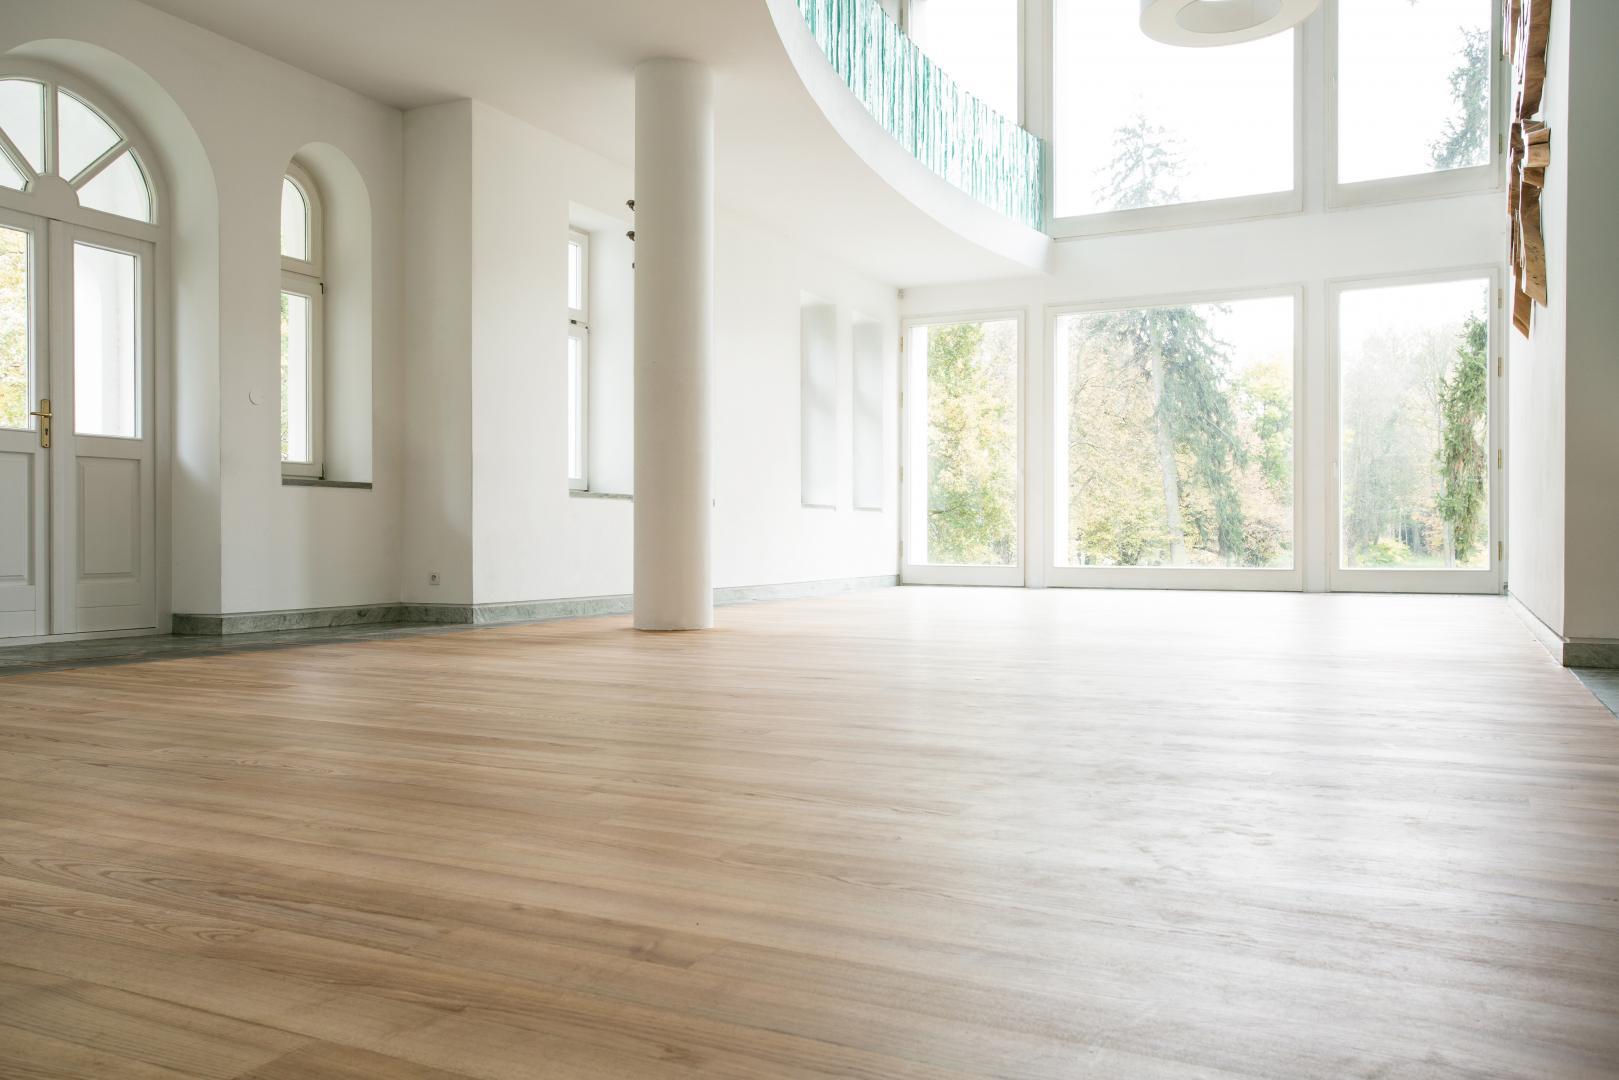 Agrandissement maisons ludon medoc aquitaine bio for Concevez vos propres plans de garage gratuitement